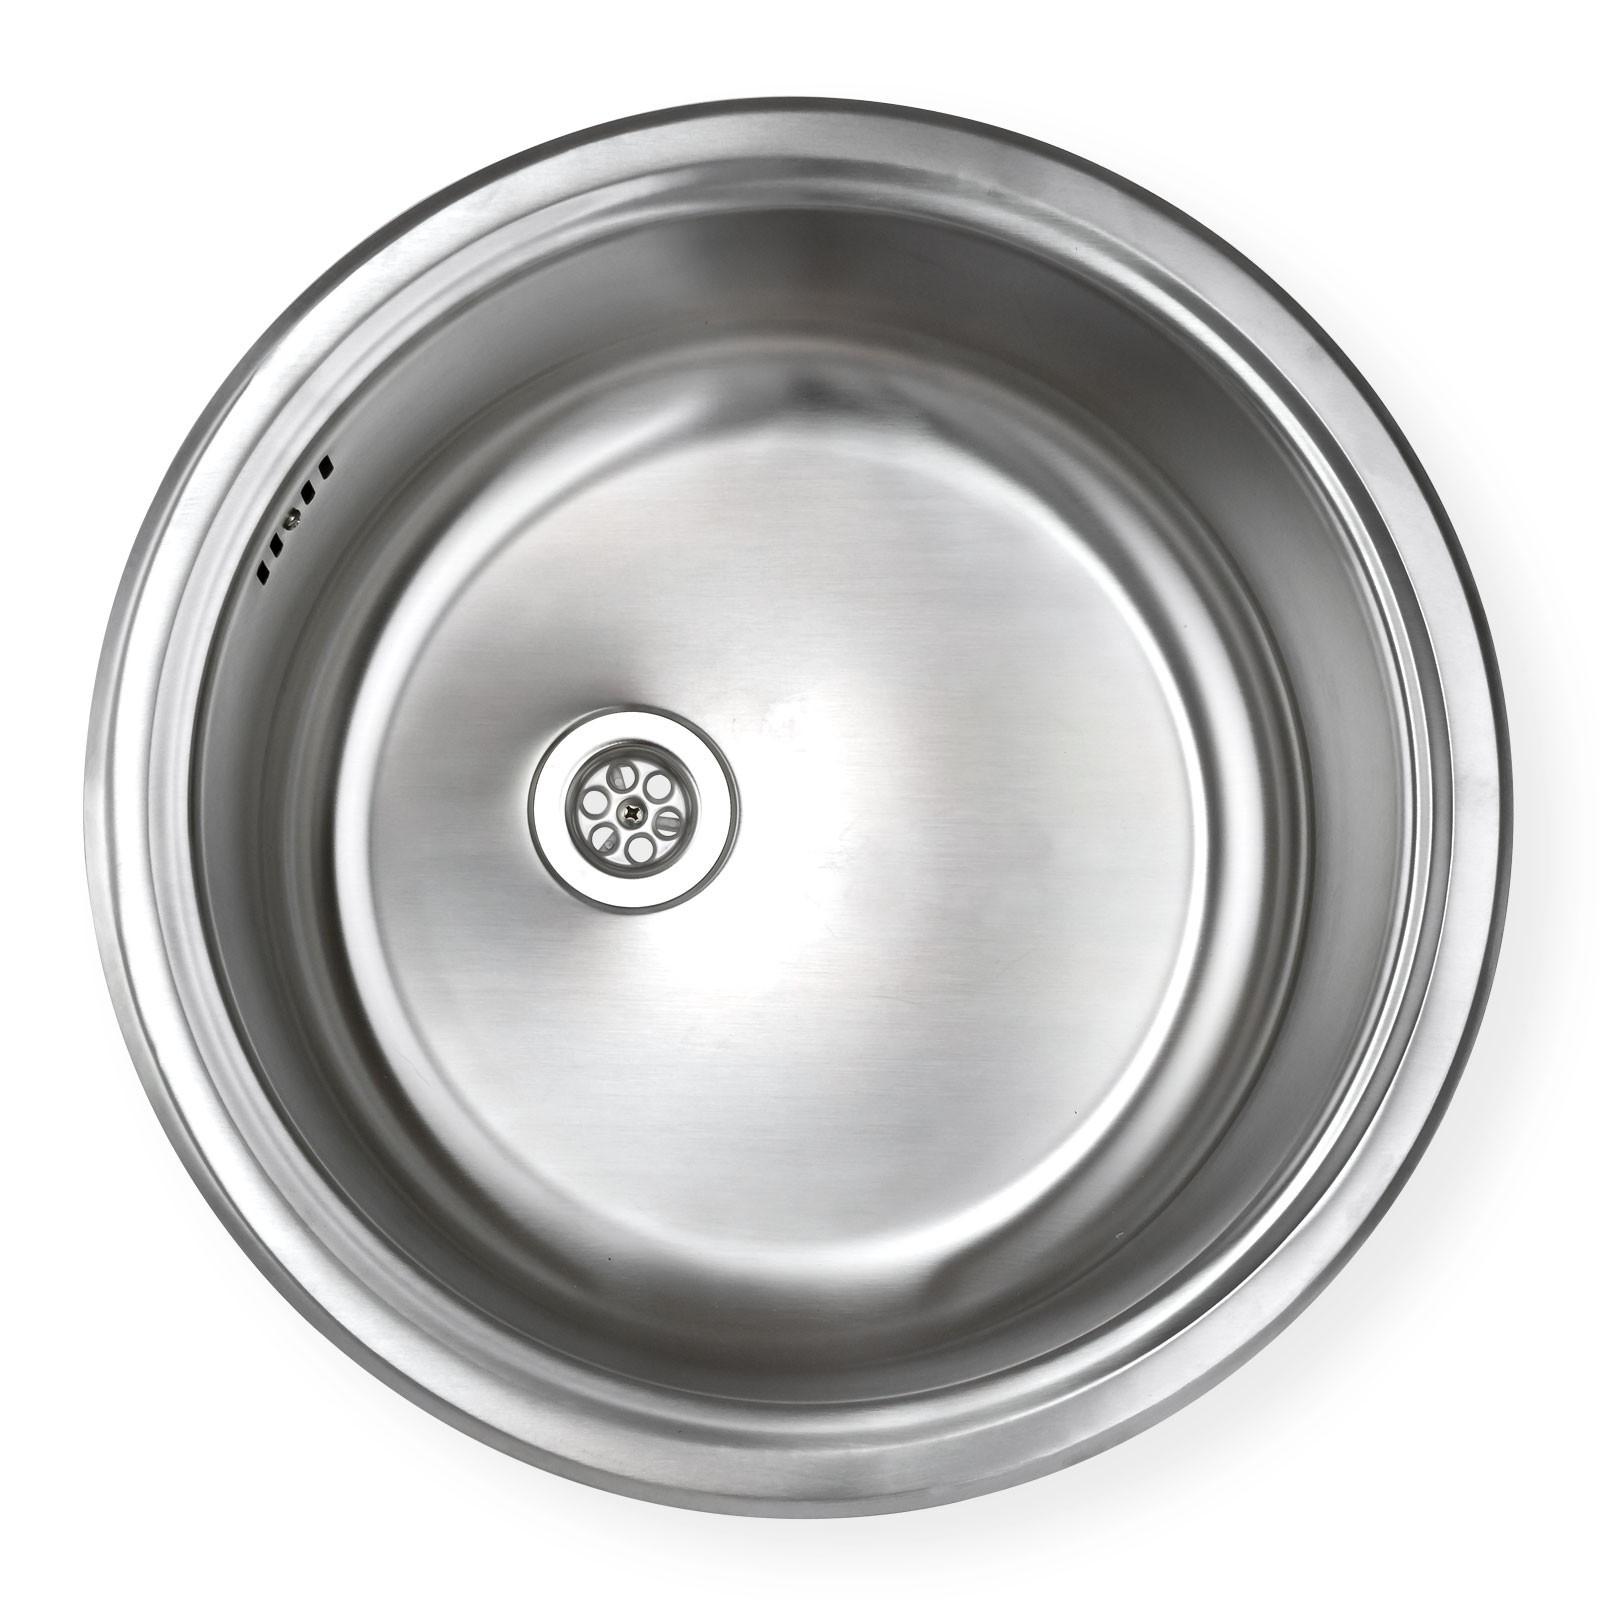 Edelstahl einbauspule ronda1 waschbecken spule kuchenspule for Einbauspüle